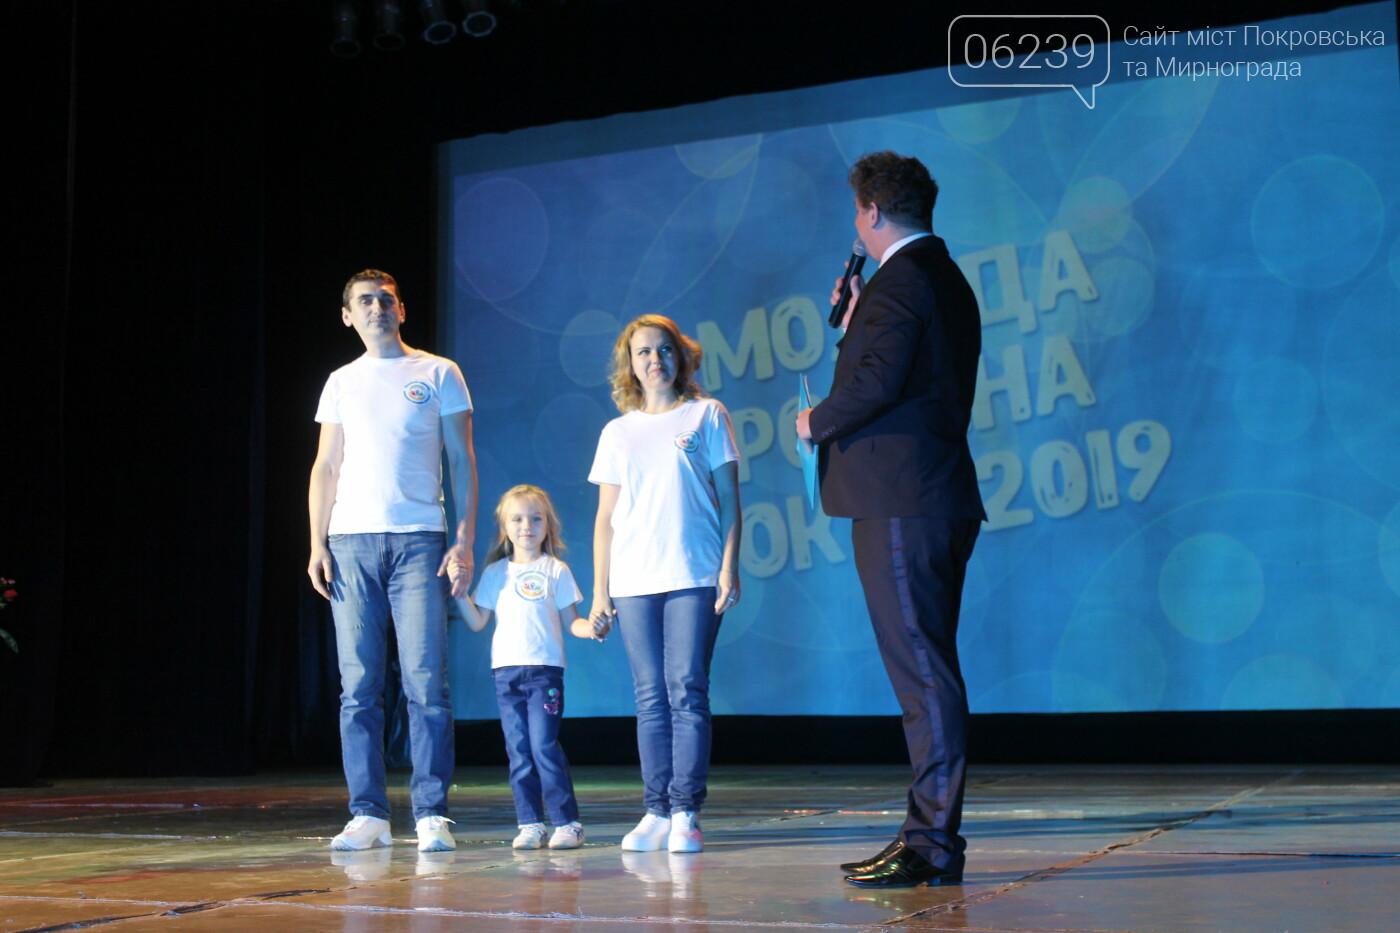 """Лучшей """"Молодой семьей 2019 года"""" объявлена чета Балмаевых из Мирнограда, фото-7"""